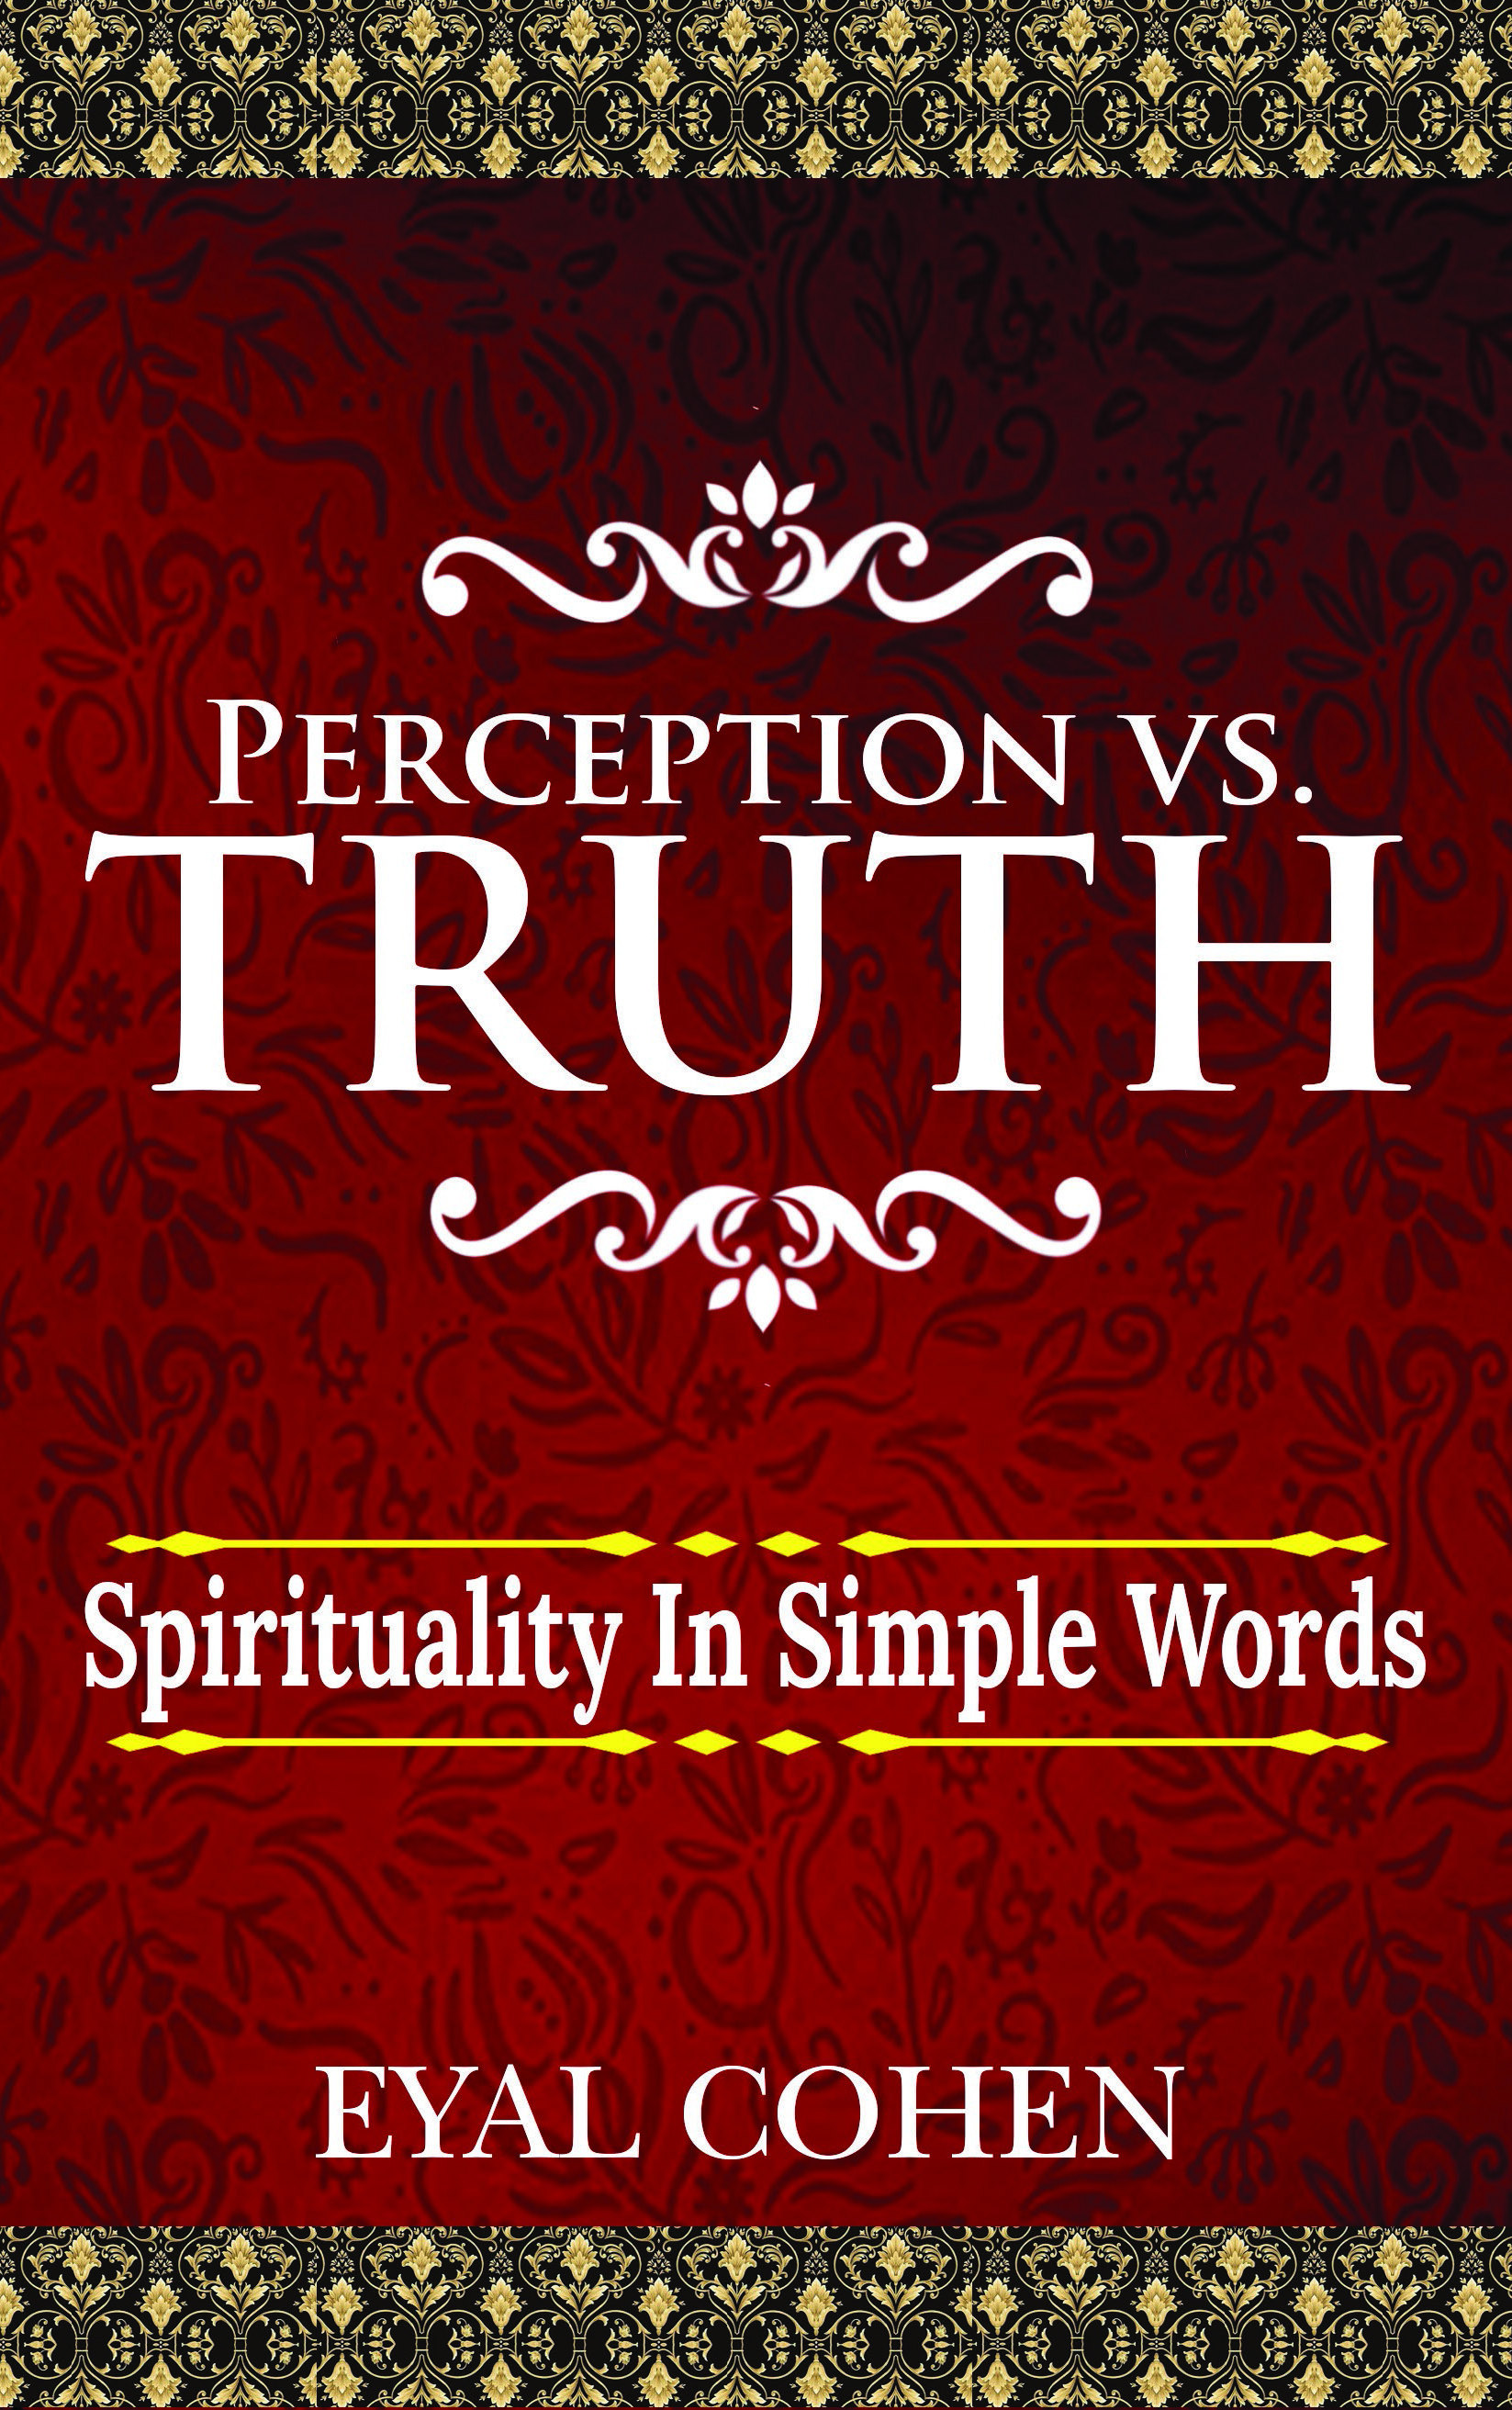 Perception vs. Truth cover